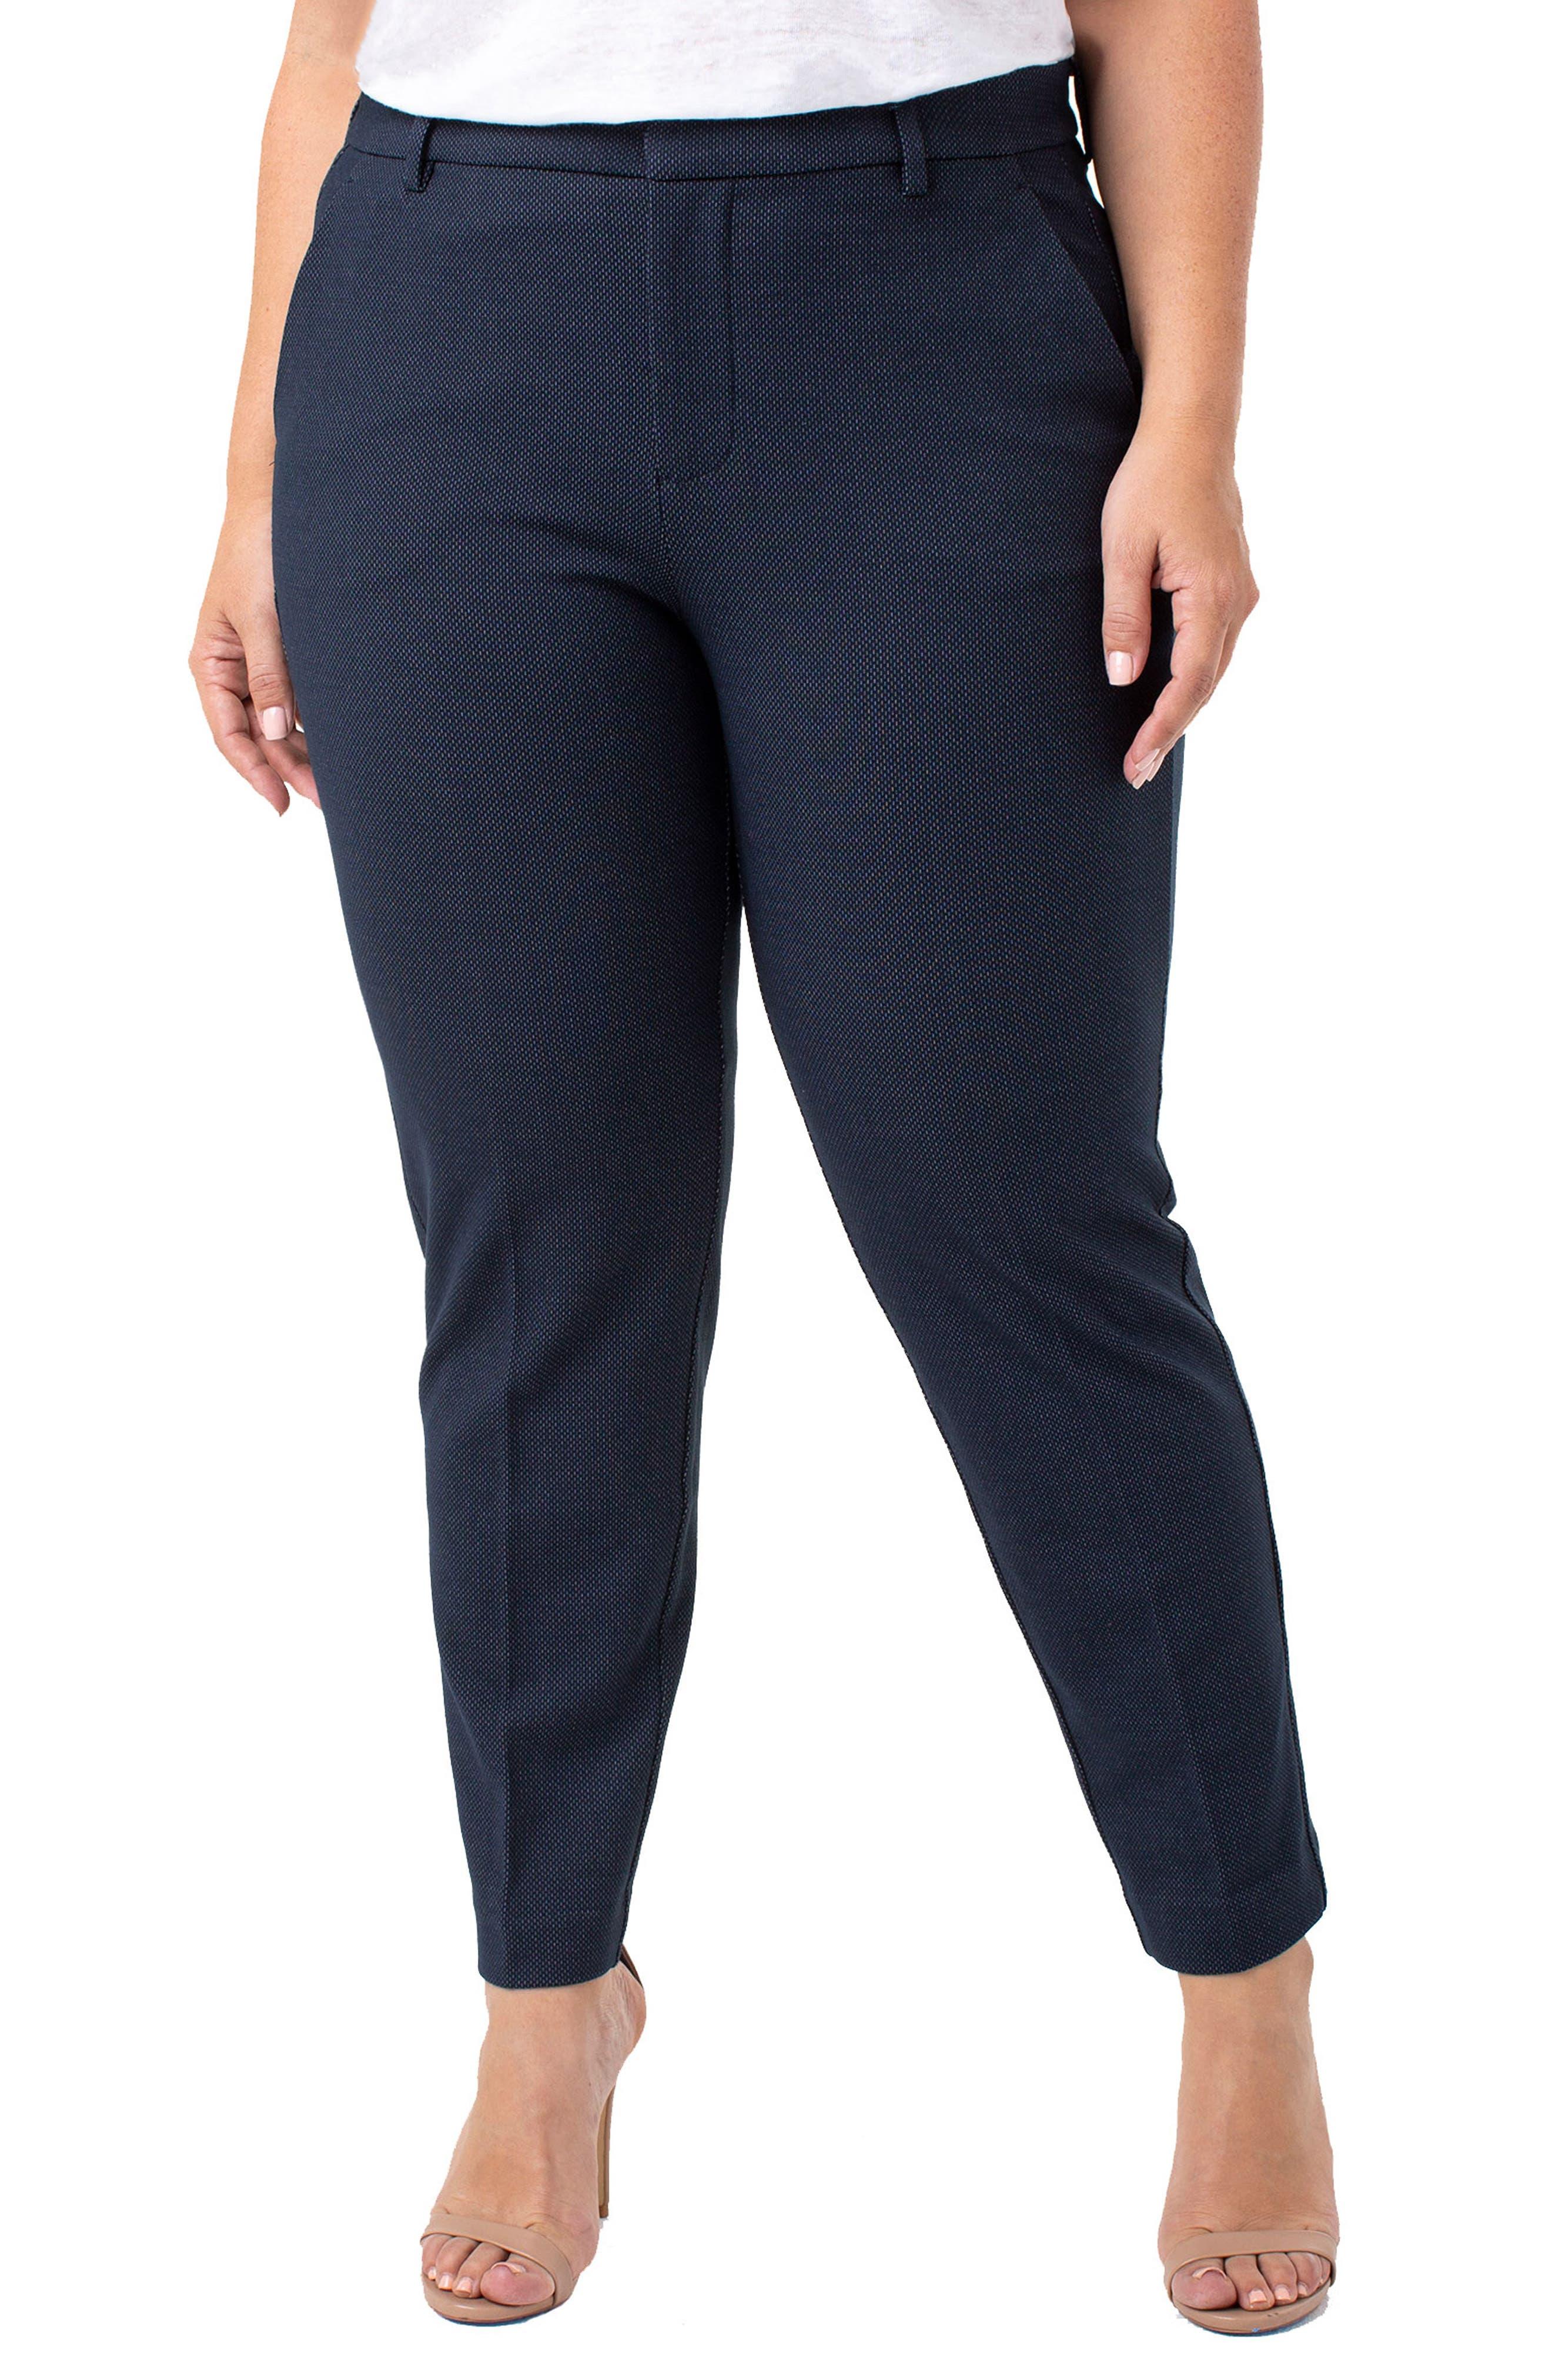 Kelsey Stretch Knit Pants,                             Main thumbnail 1, color,                             NAVY BIRDSEYE